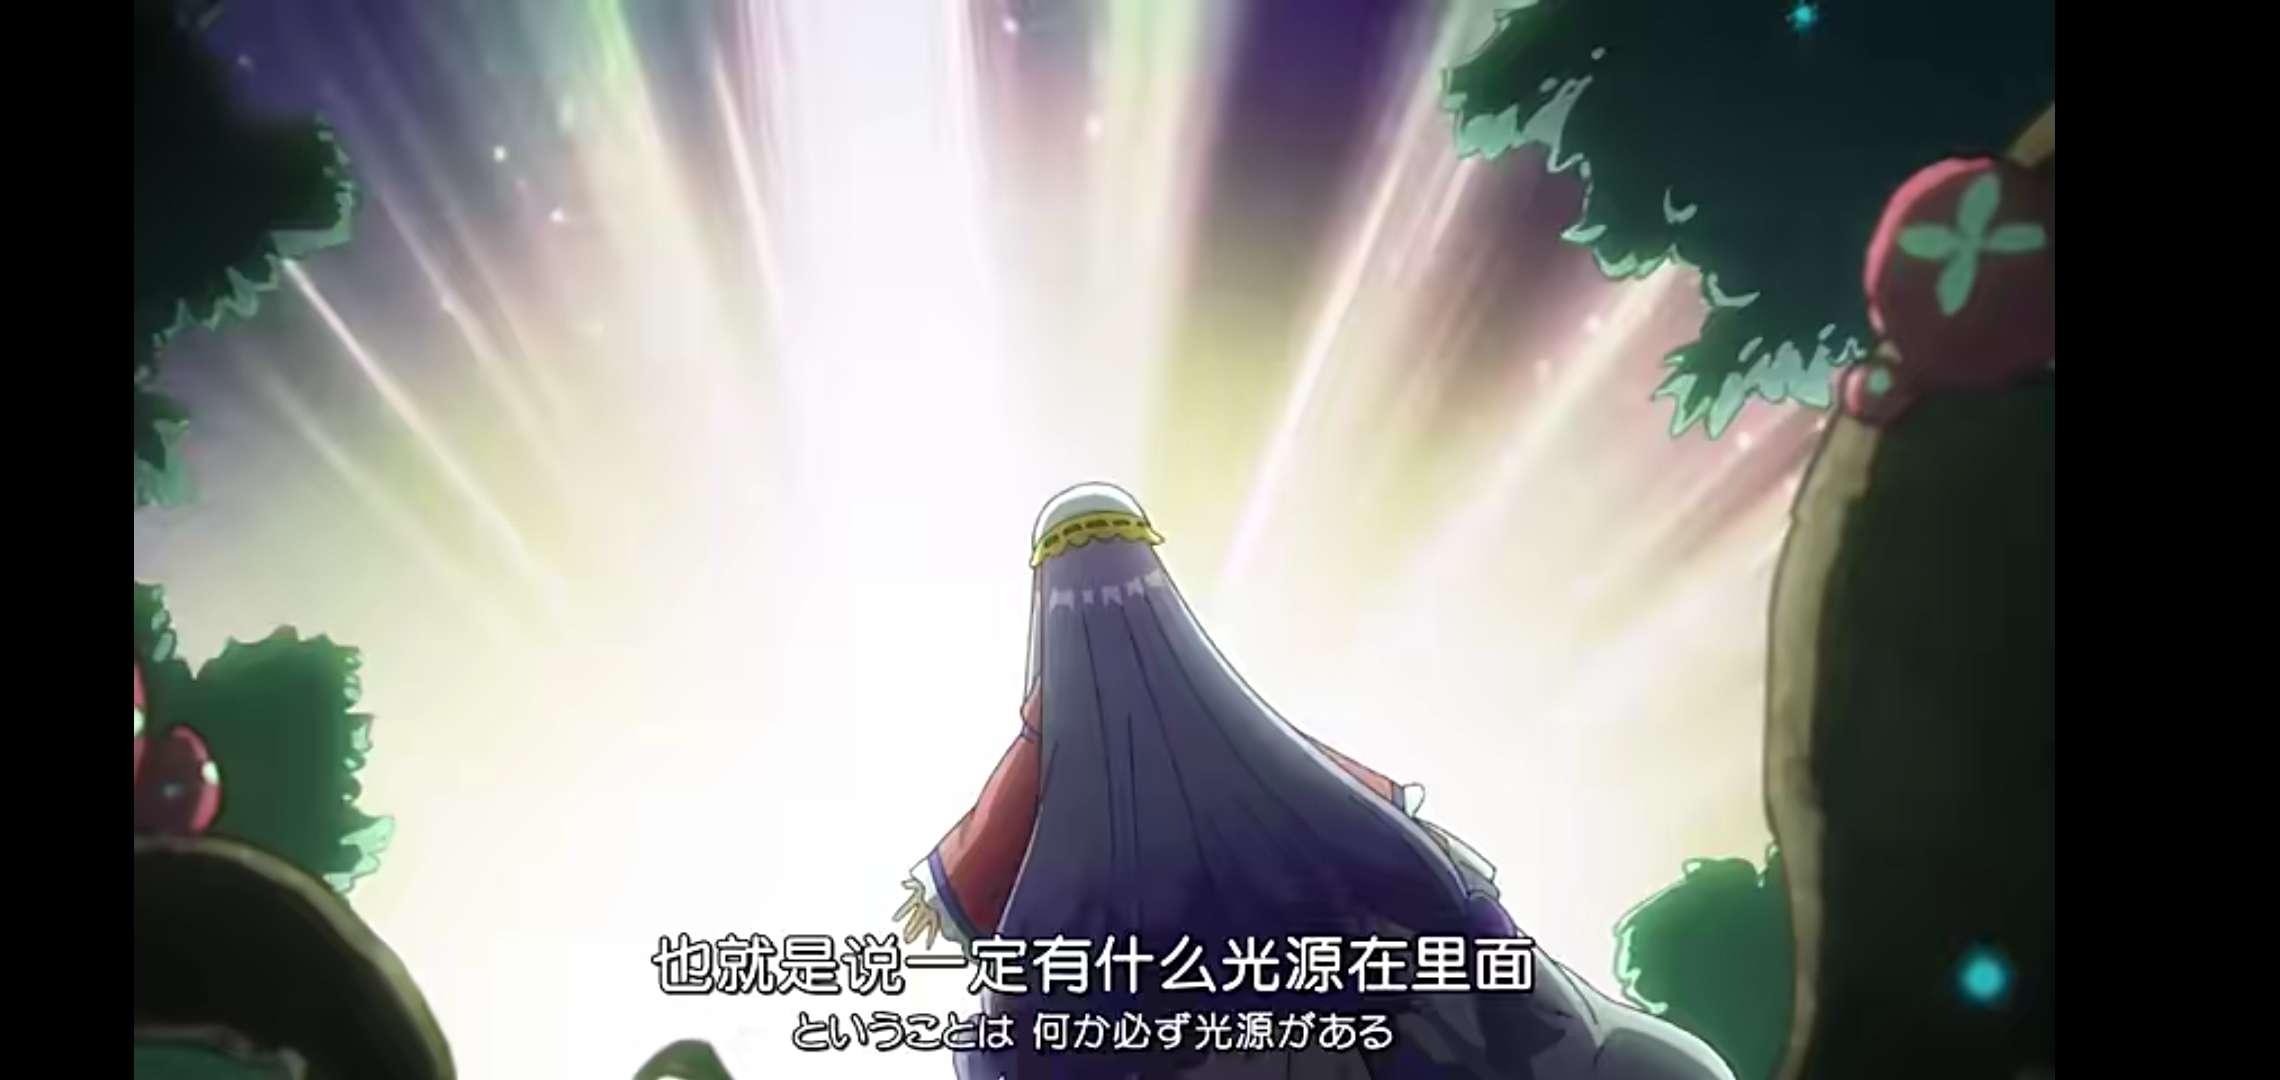 【动漫更新】在魔王城说晚安(10月20日任务帖)